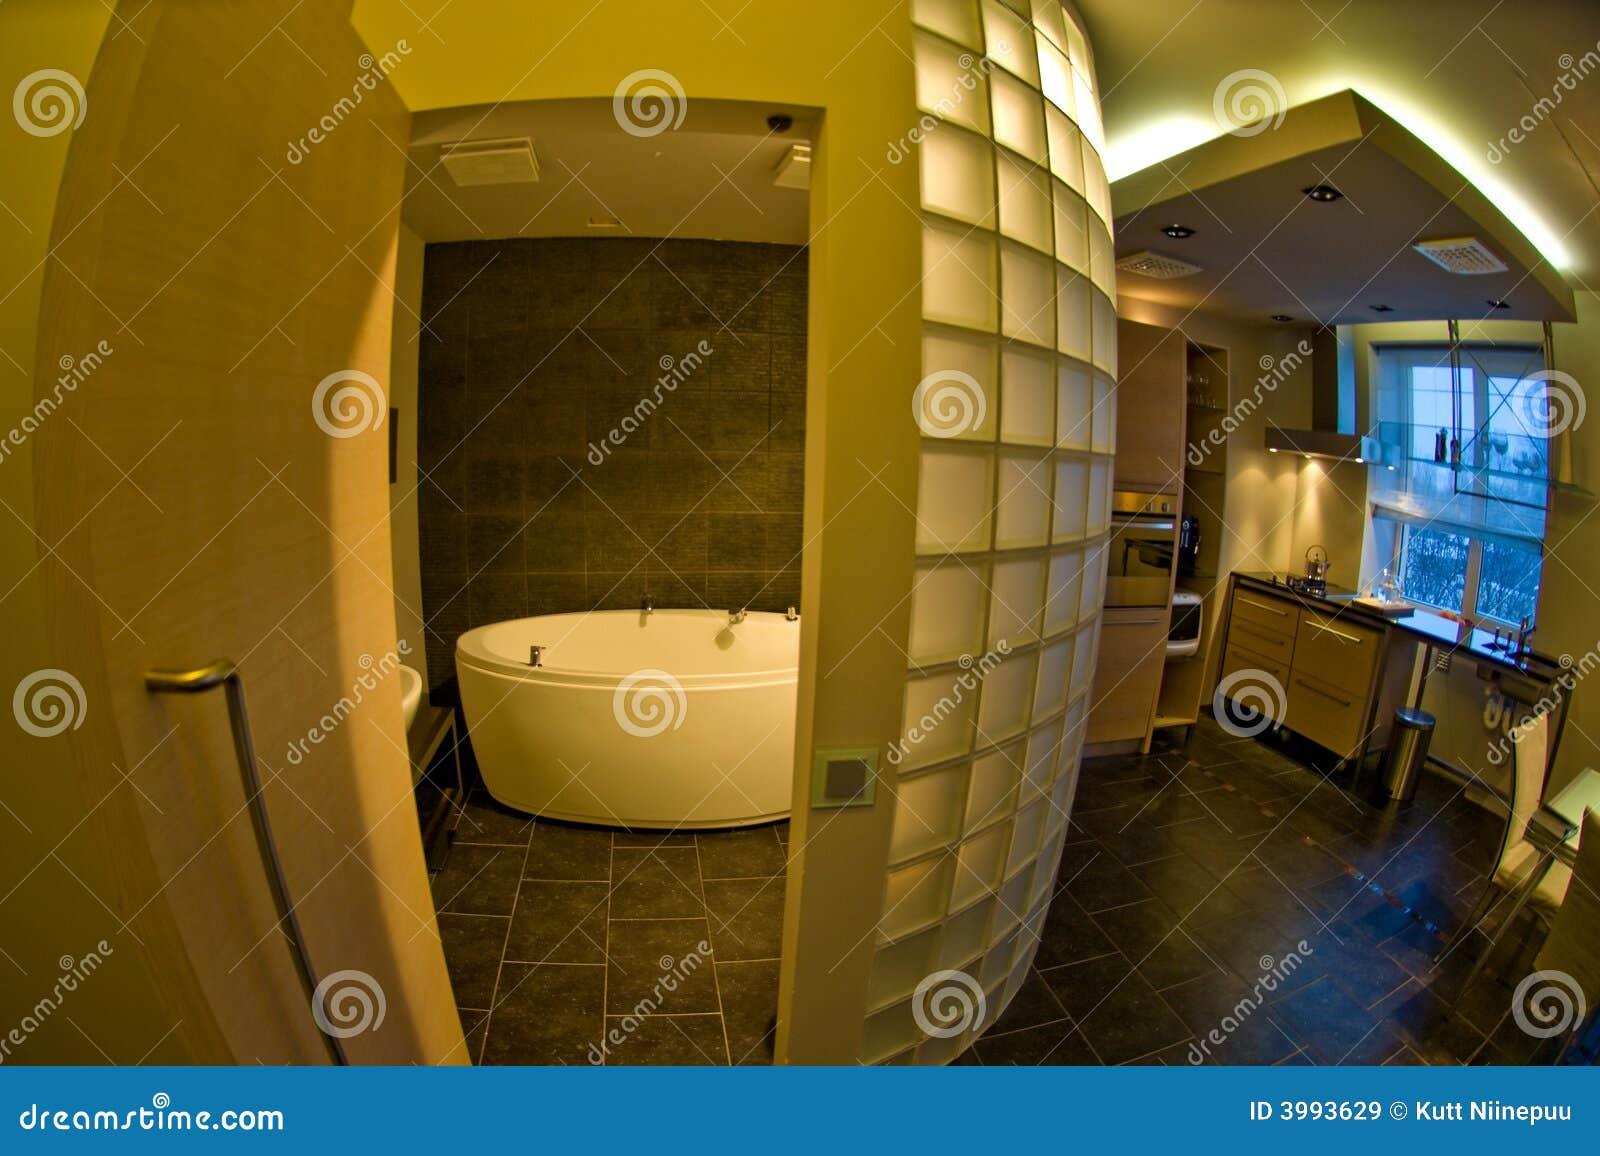 Intrieur maison moderne intrieur de la maison moderne - Design interieur belle maison traditionnelle refinedllc ...